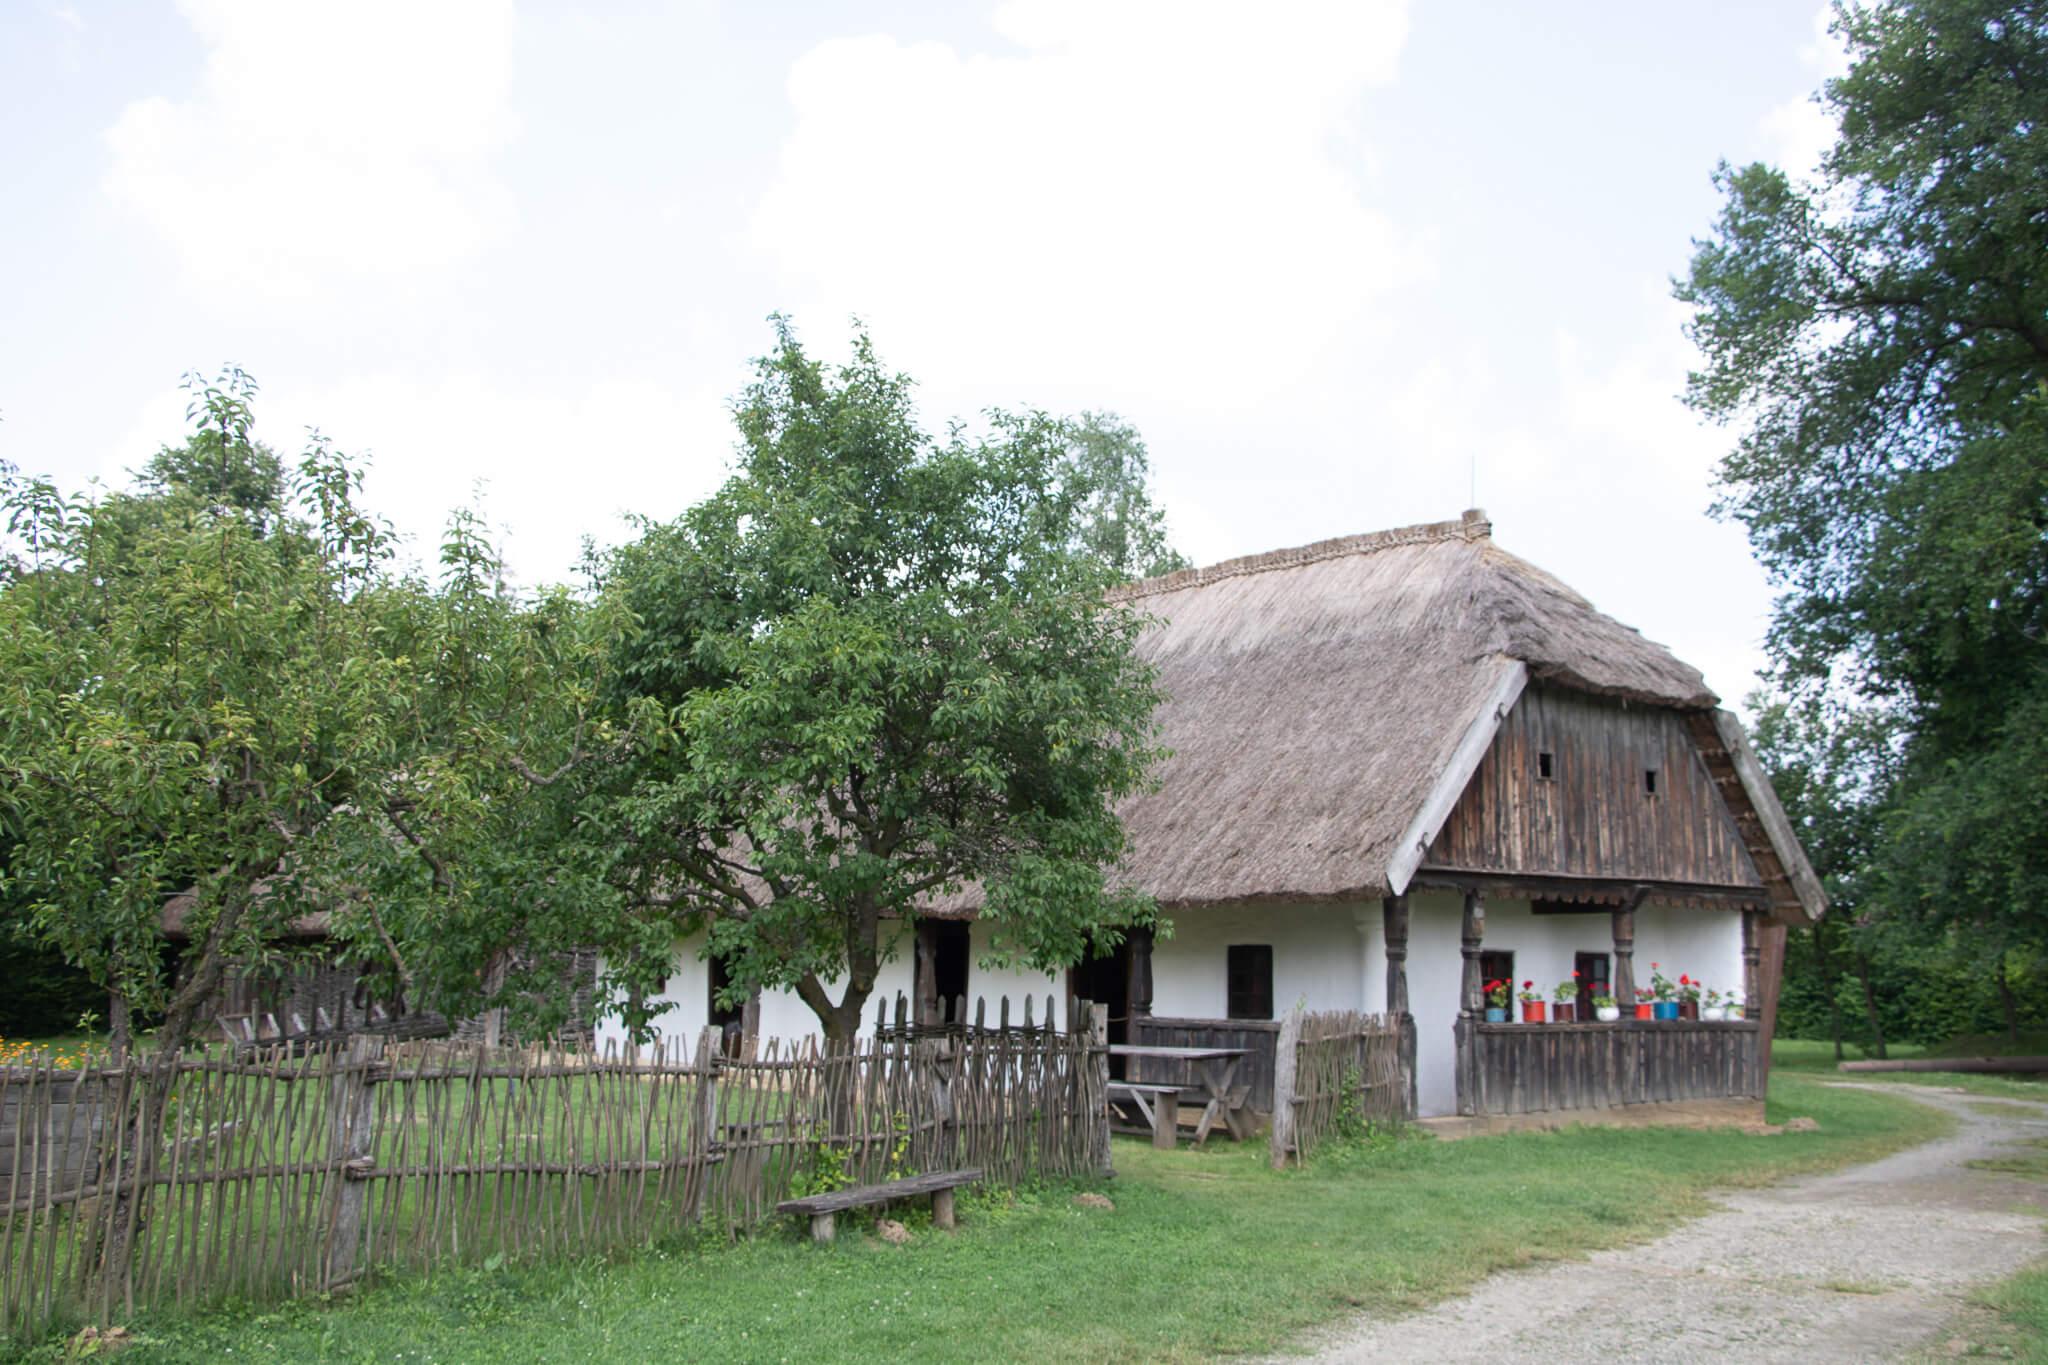 Szenna, openluchtmuseum, museum, hongarije